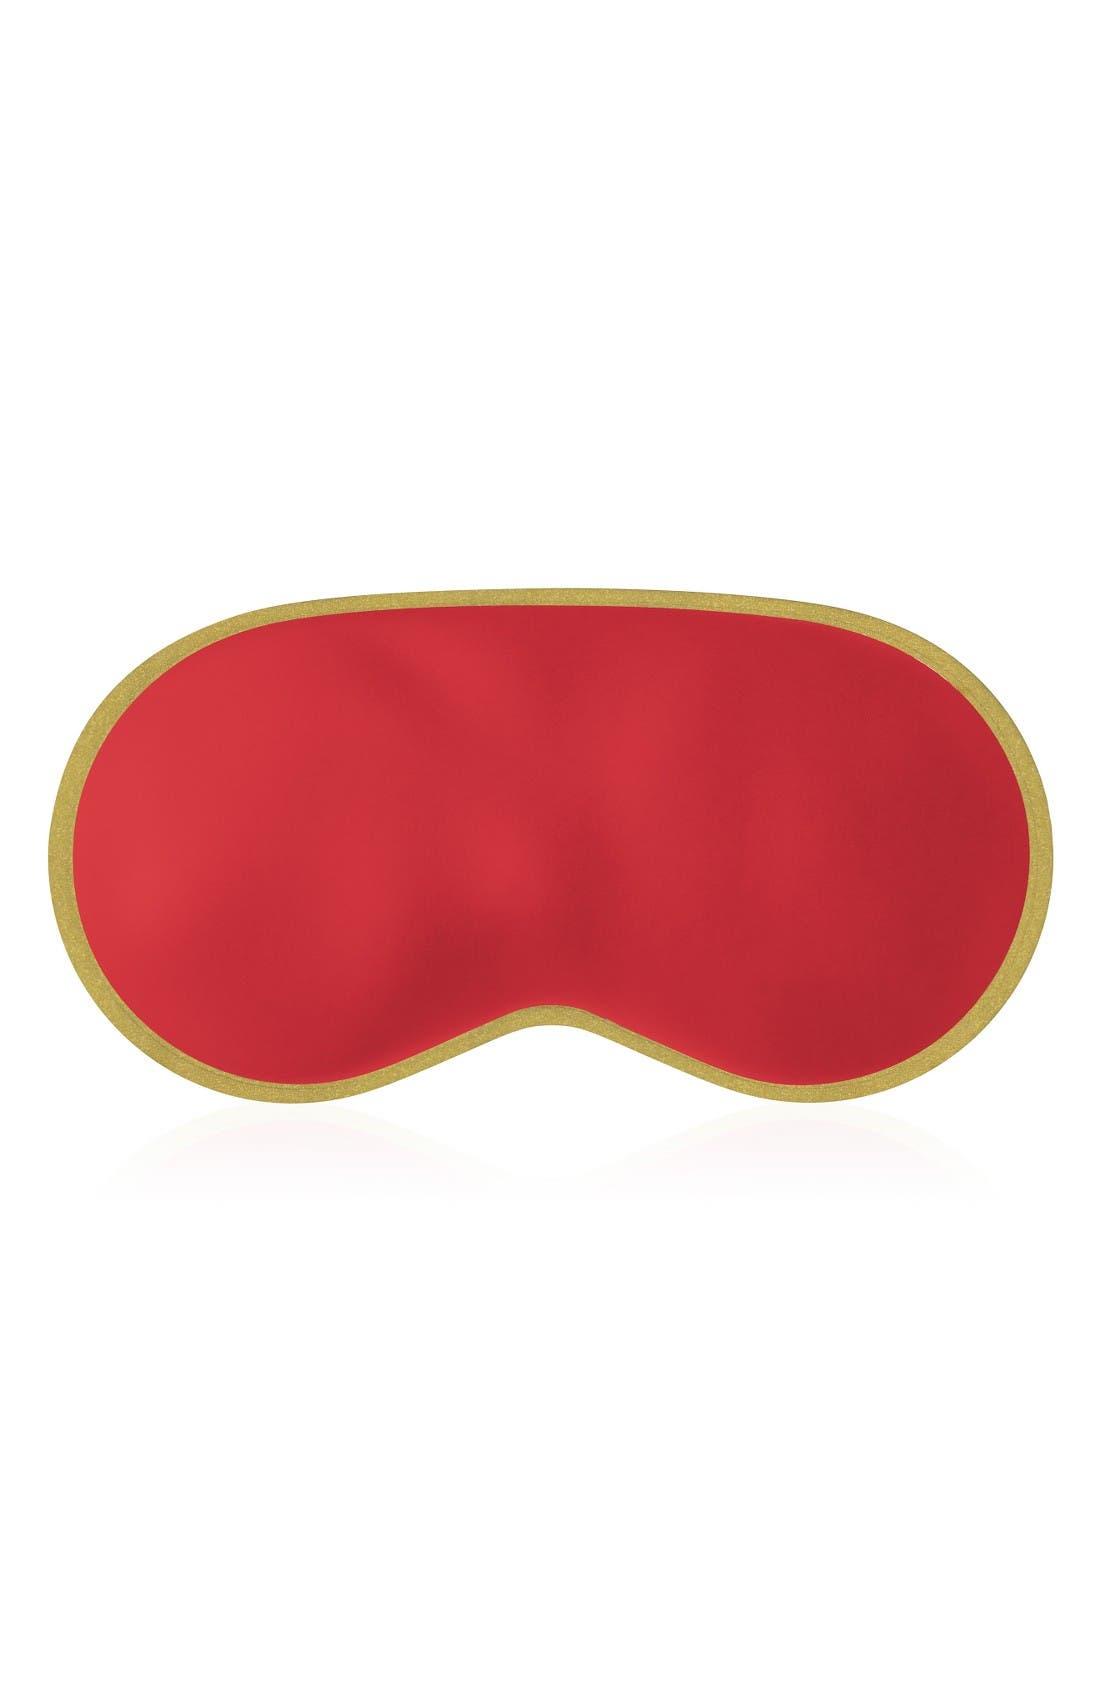 Red Skin Rejuvenating Eye Mask,                             Alternate thumbnail 2, color,                             No Color